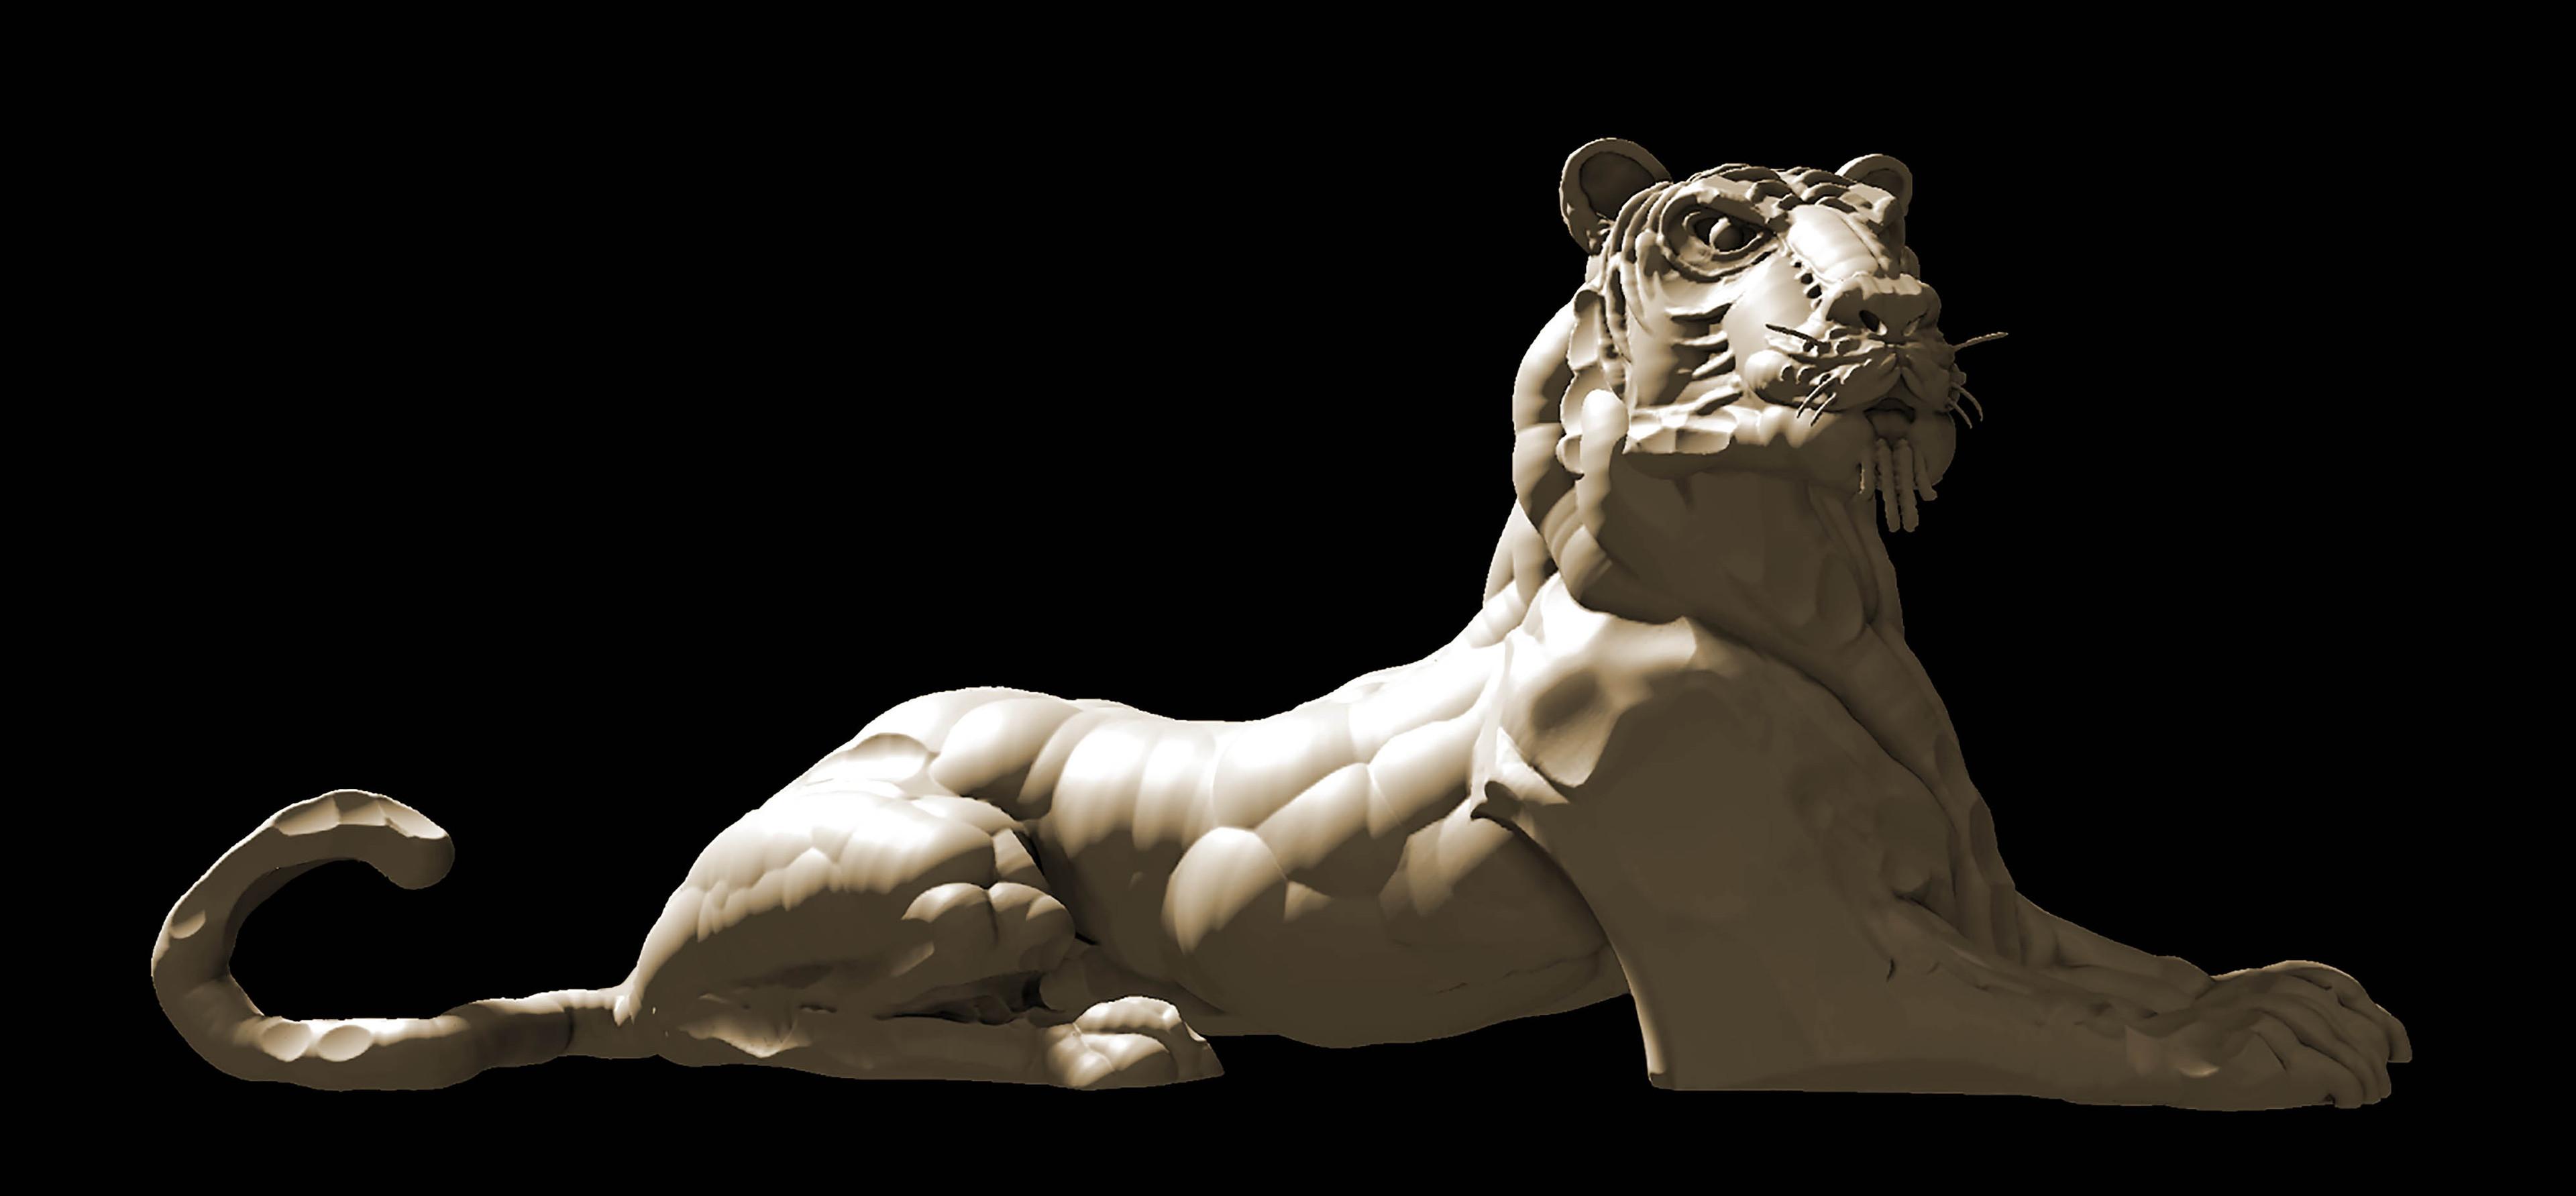 Tiger sculpt in VR using Adobe Medium